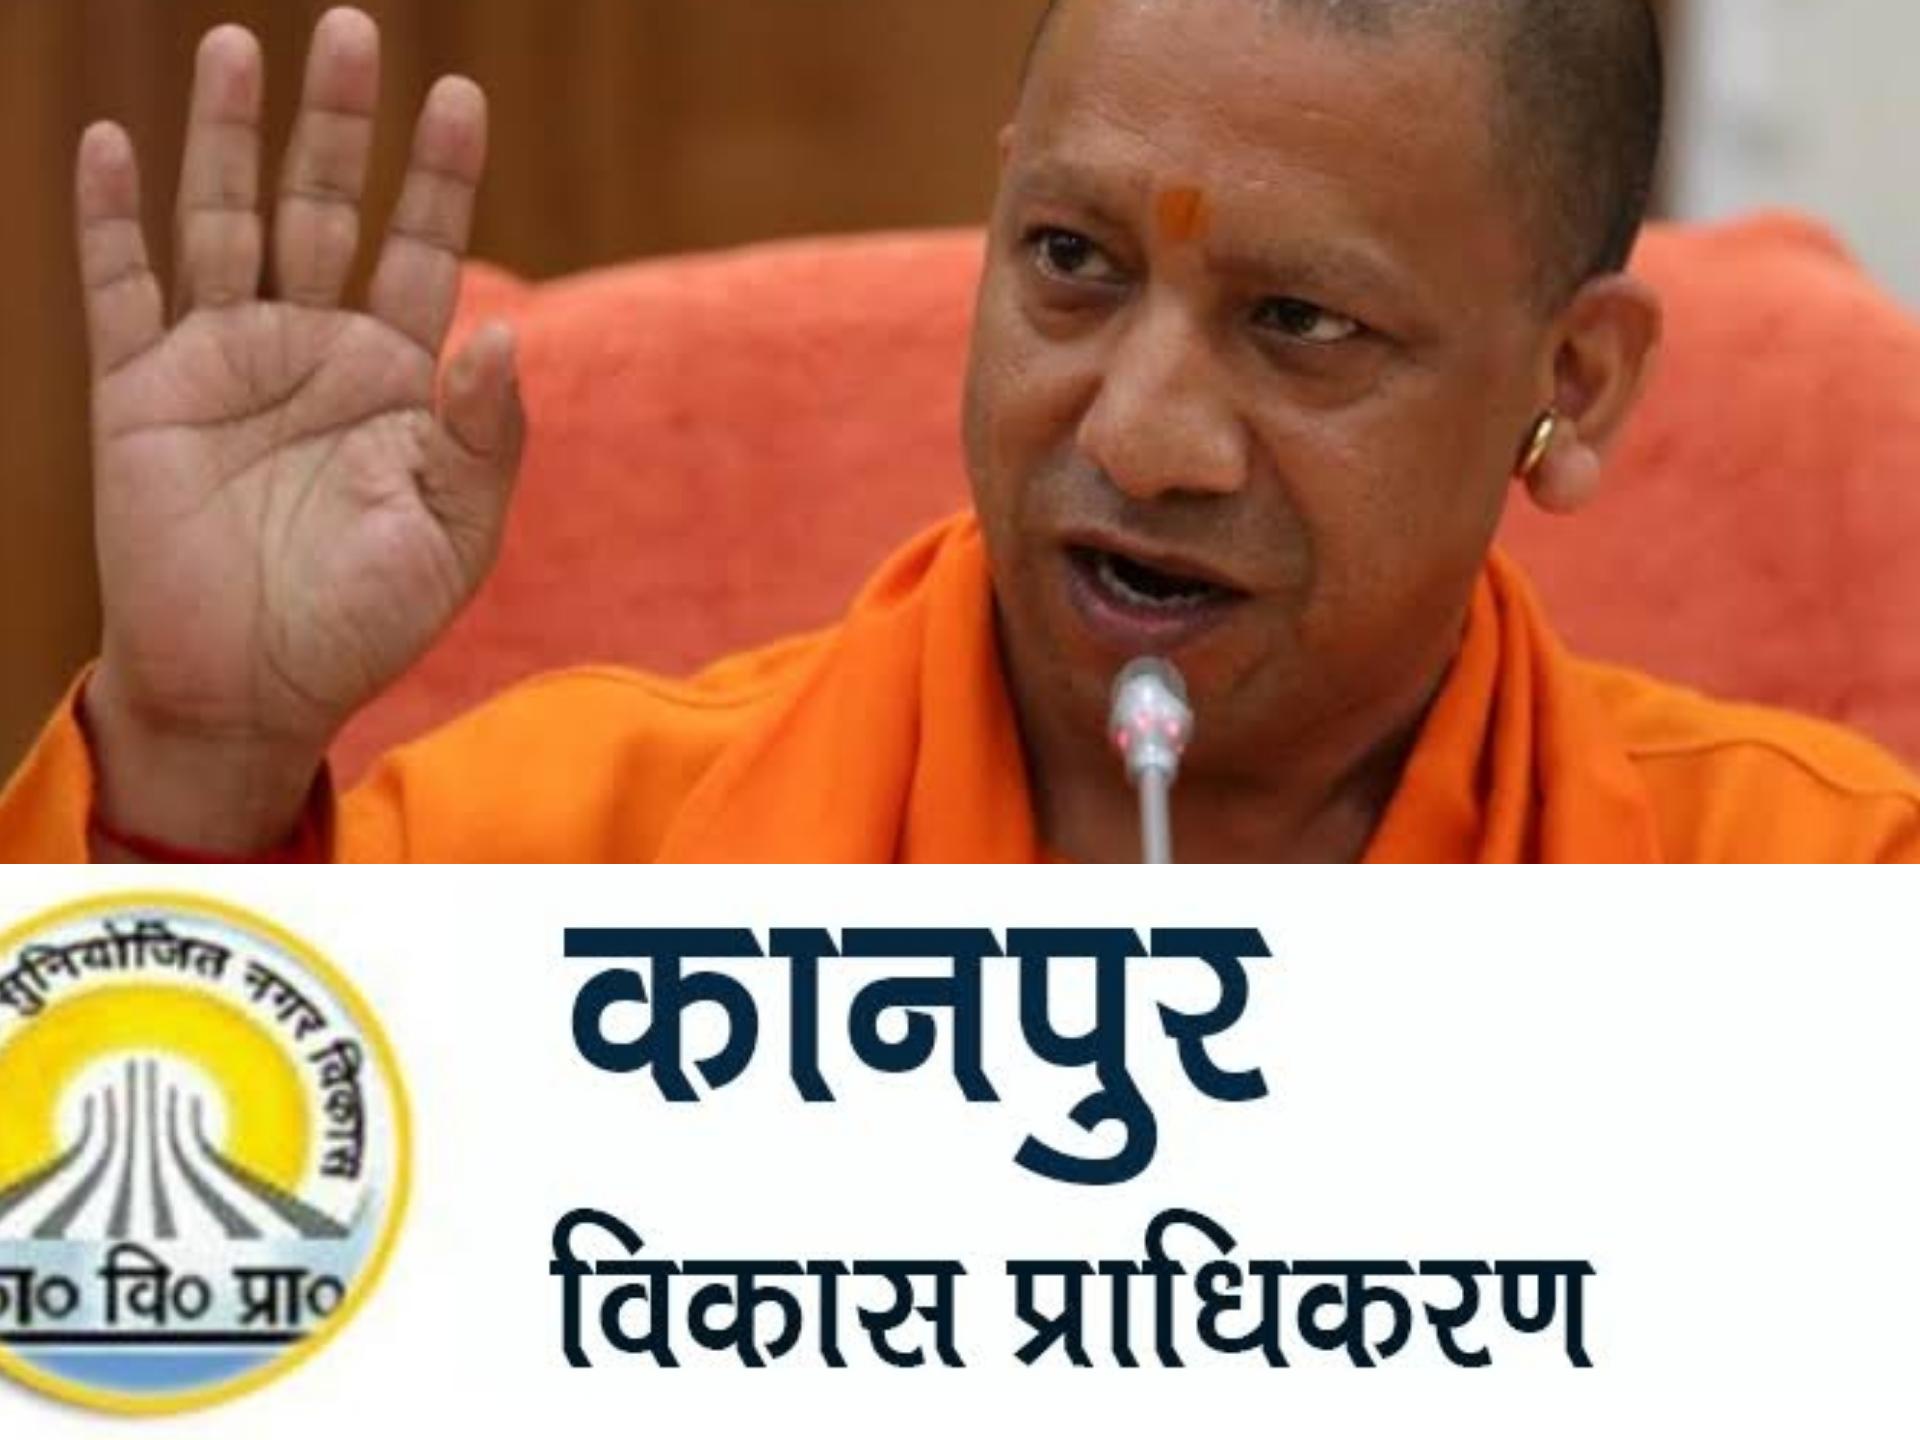 UP:मुख्यमंत्री ने दिया केडीए के सेवानिवृत्त अधीक्षण अभियंता पर मुकदमे का आदेश